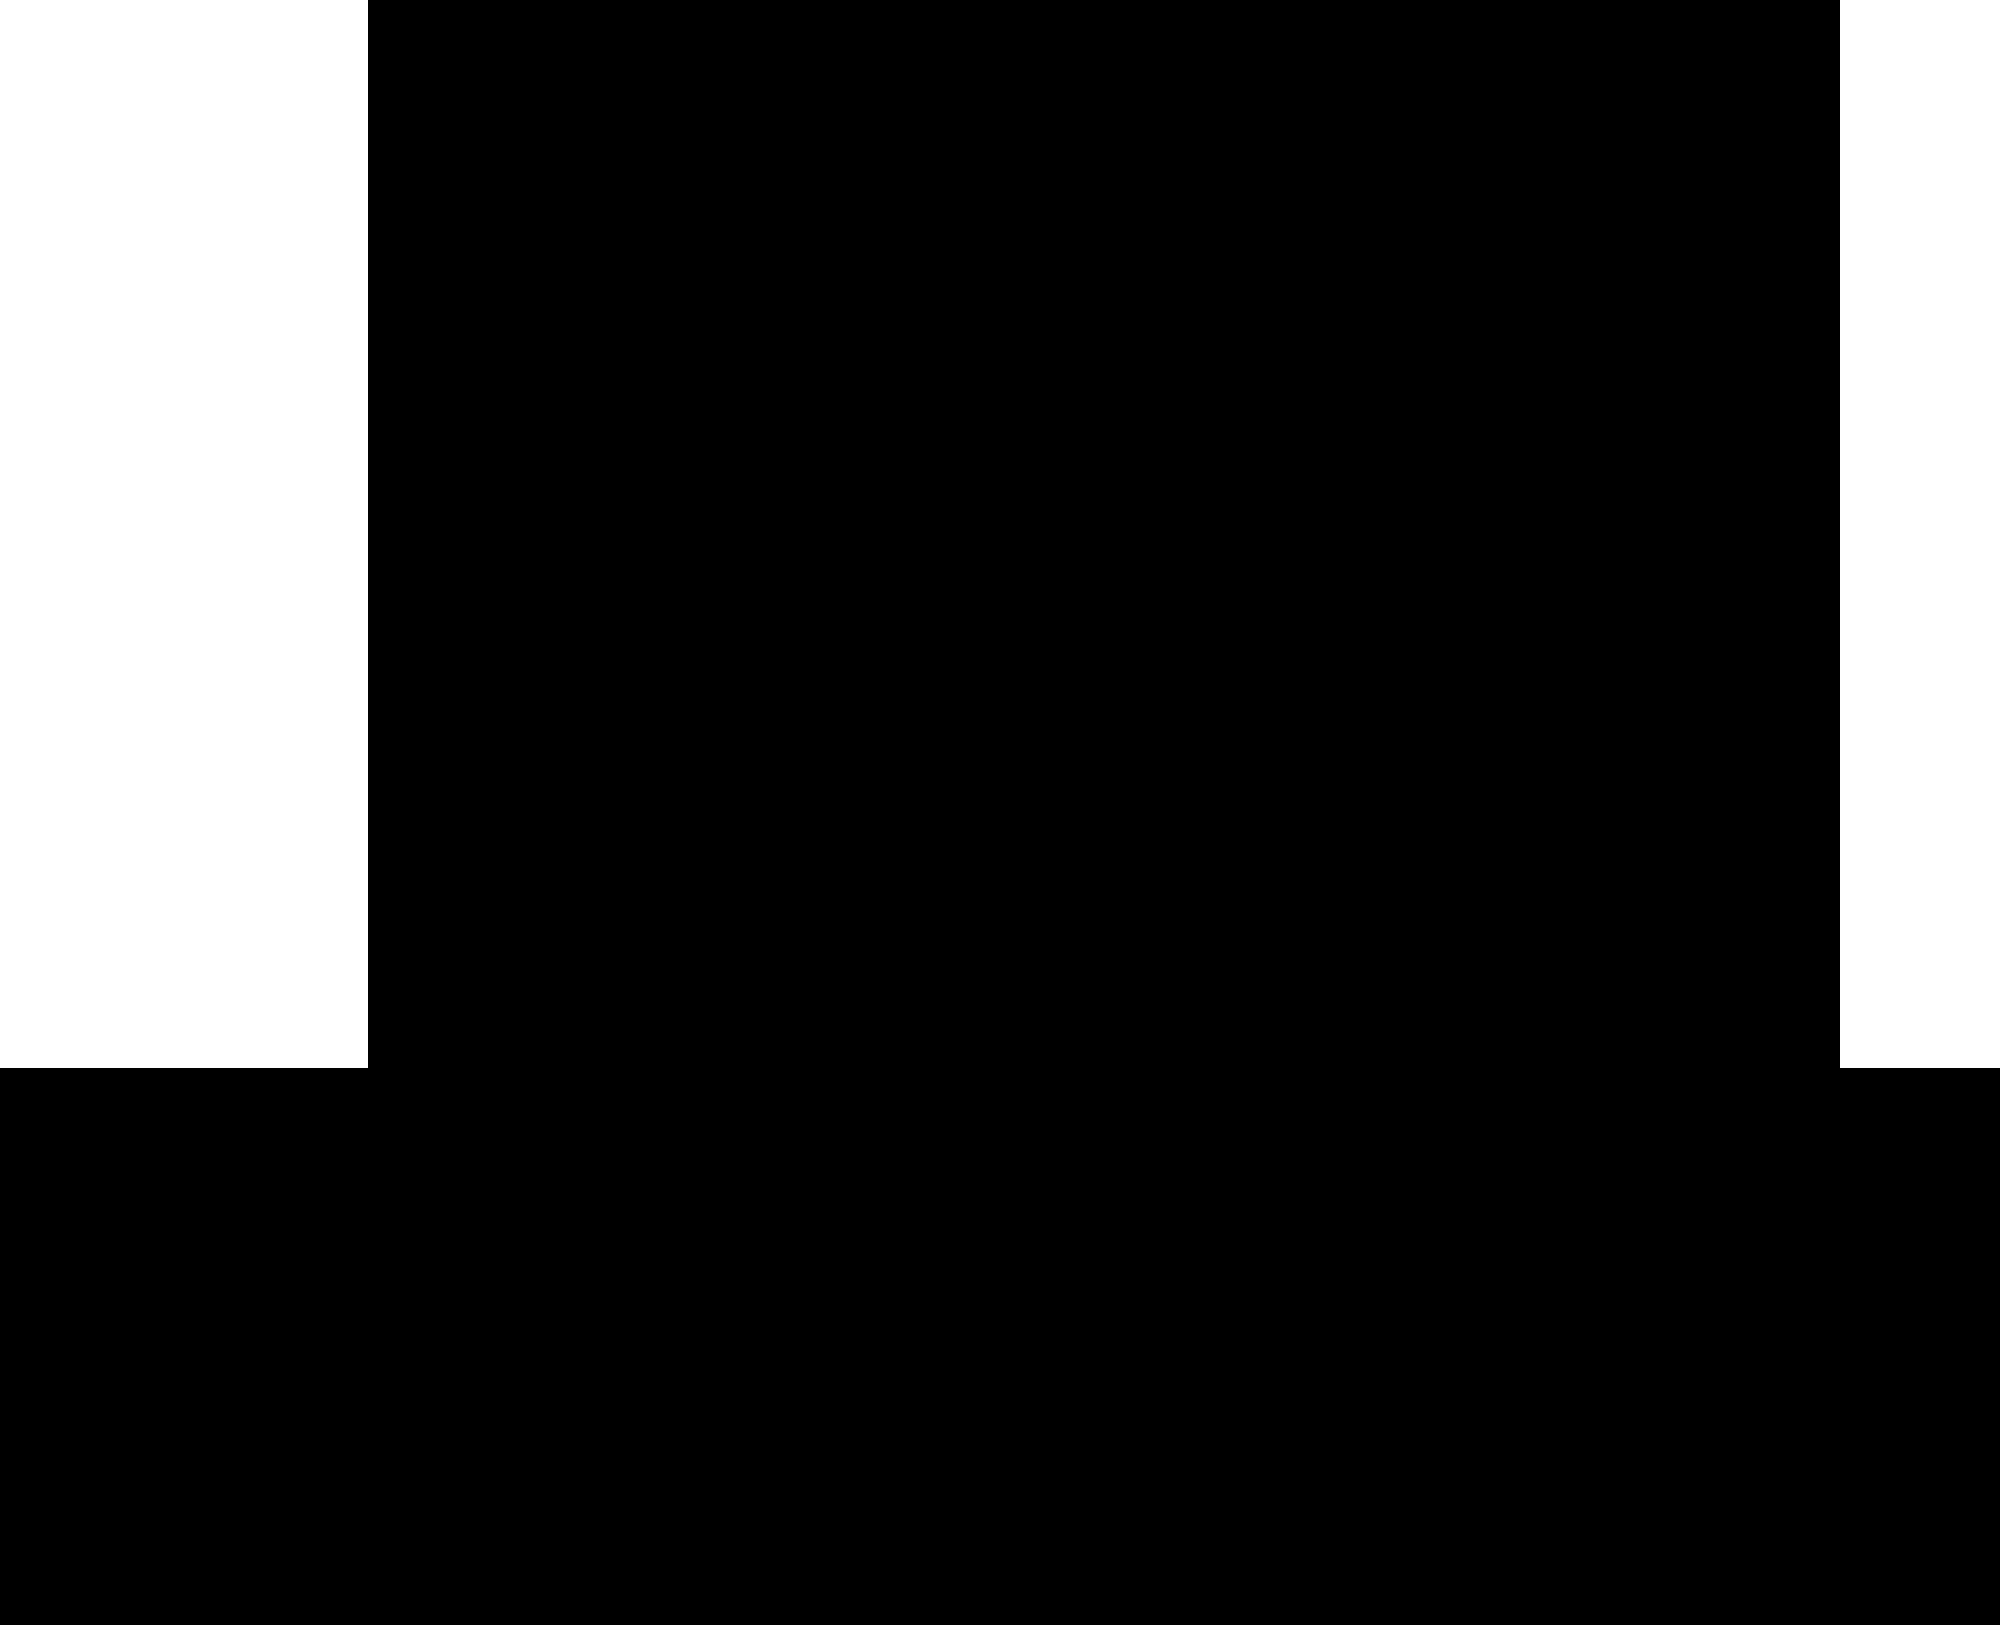 アルマ・クリエイション株式会社